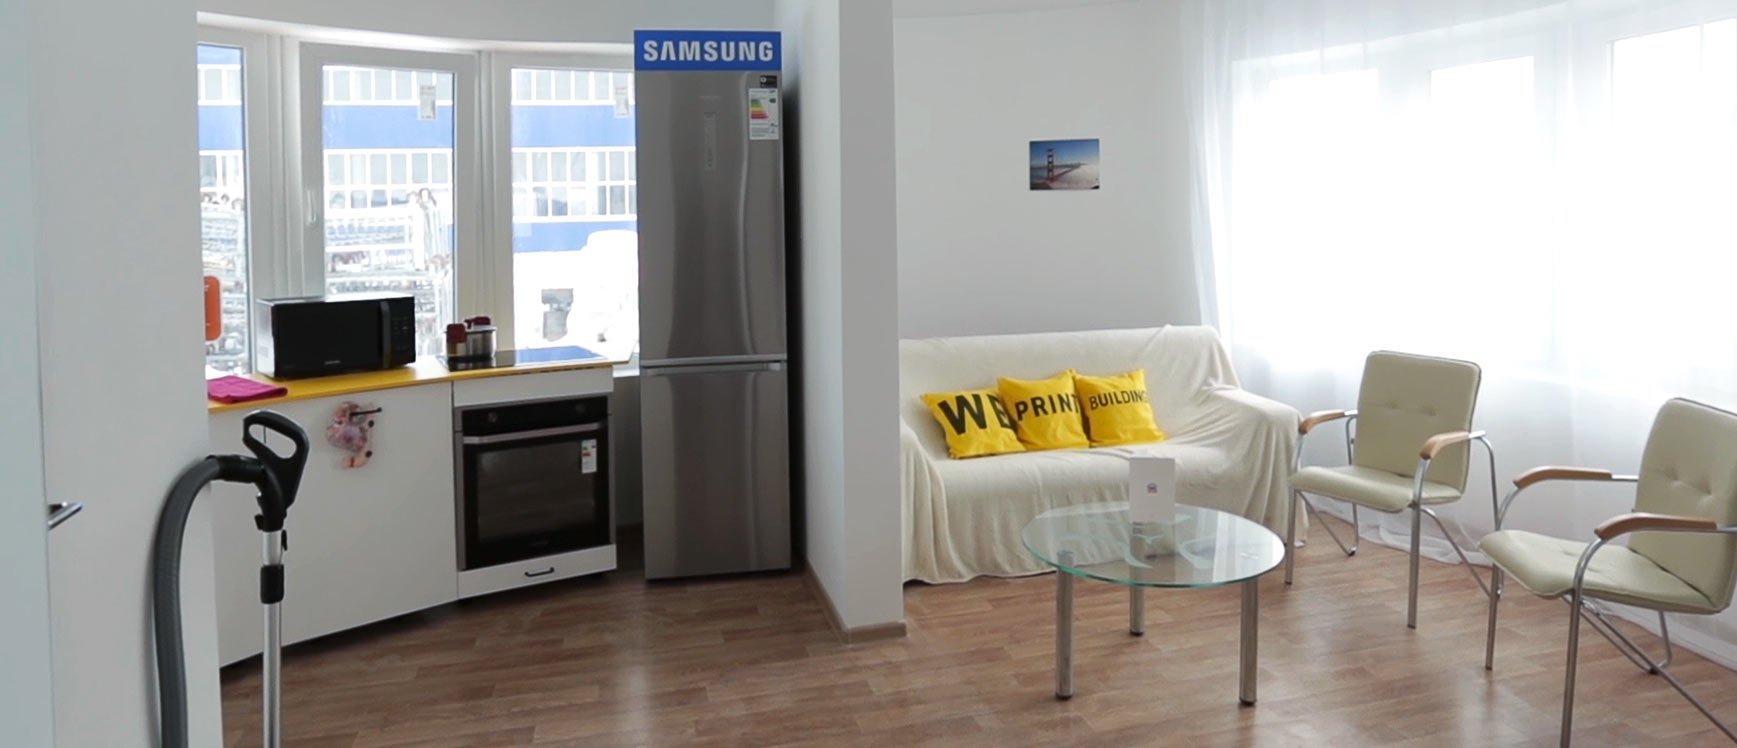 Una startup ha realizzato la casa che si stampa in 3D in un giorno e con 10 mila dollari